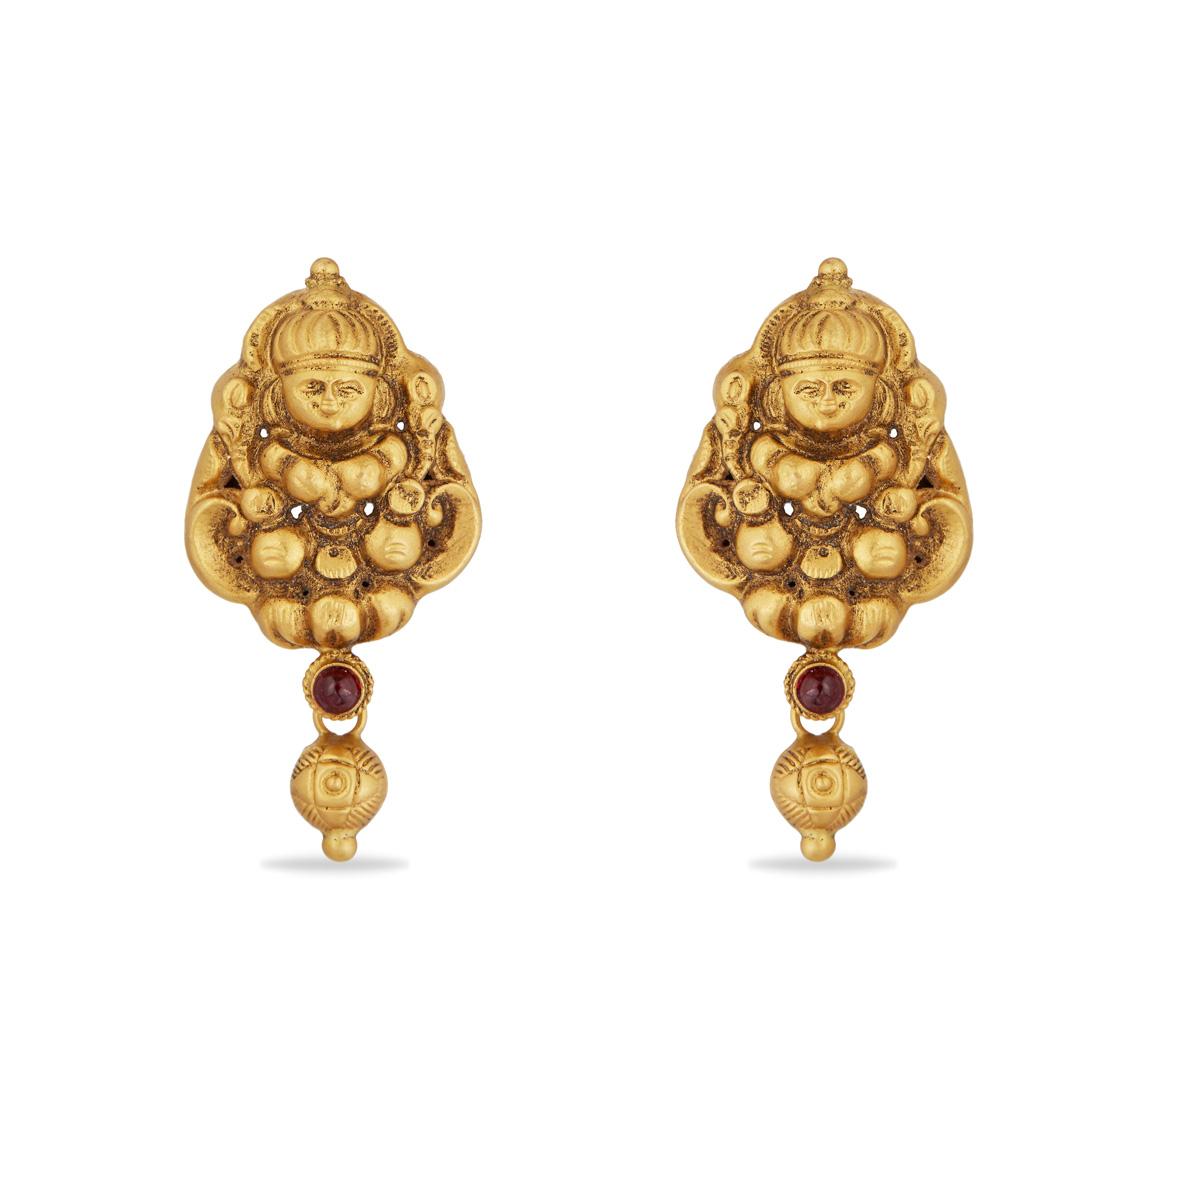 Rucya Shriya earrings